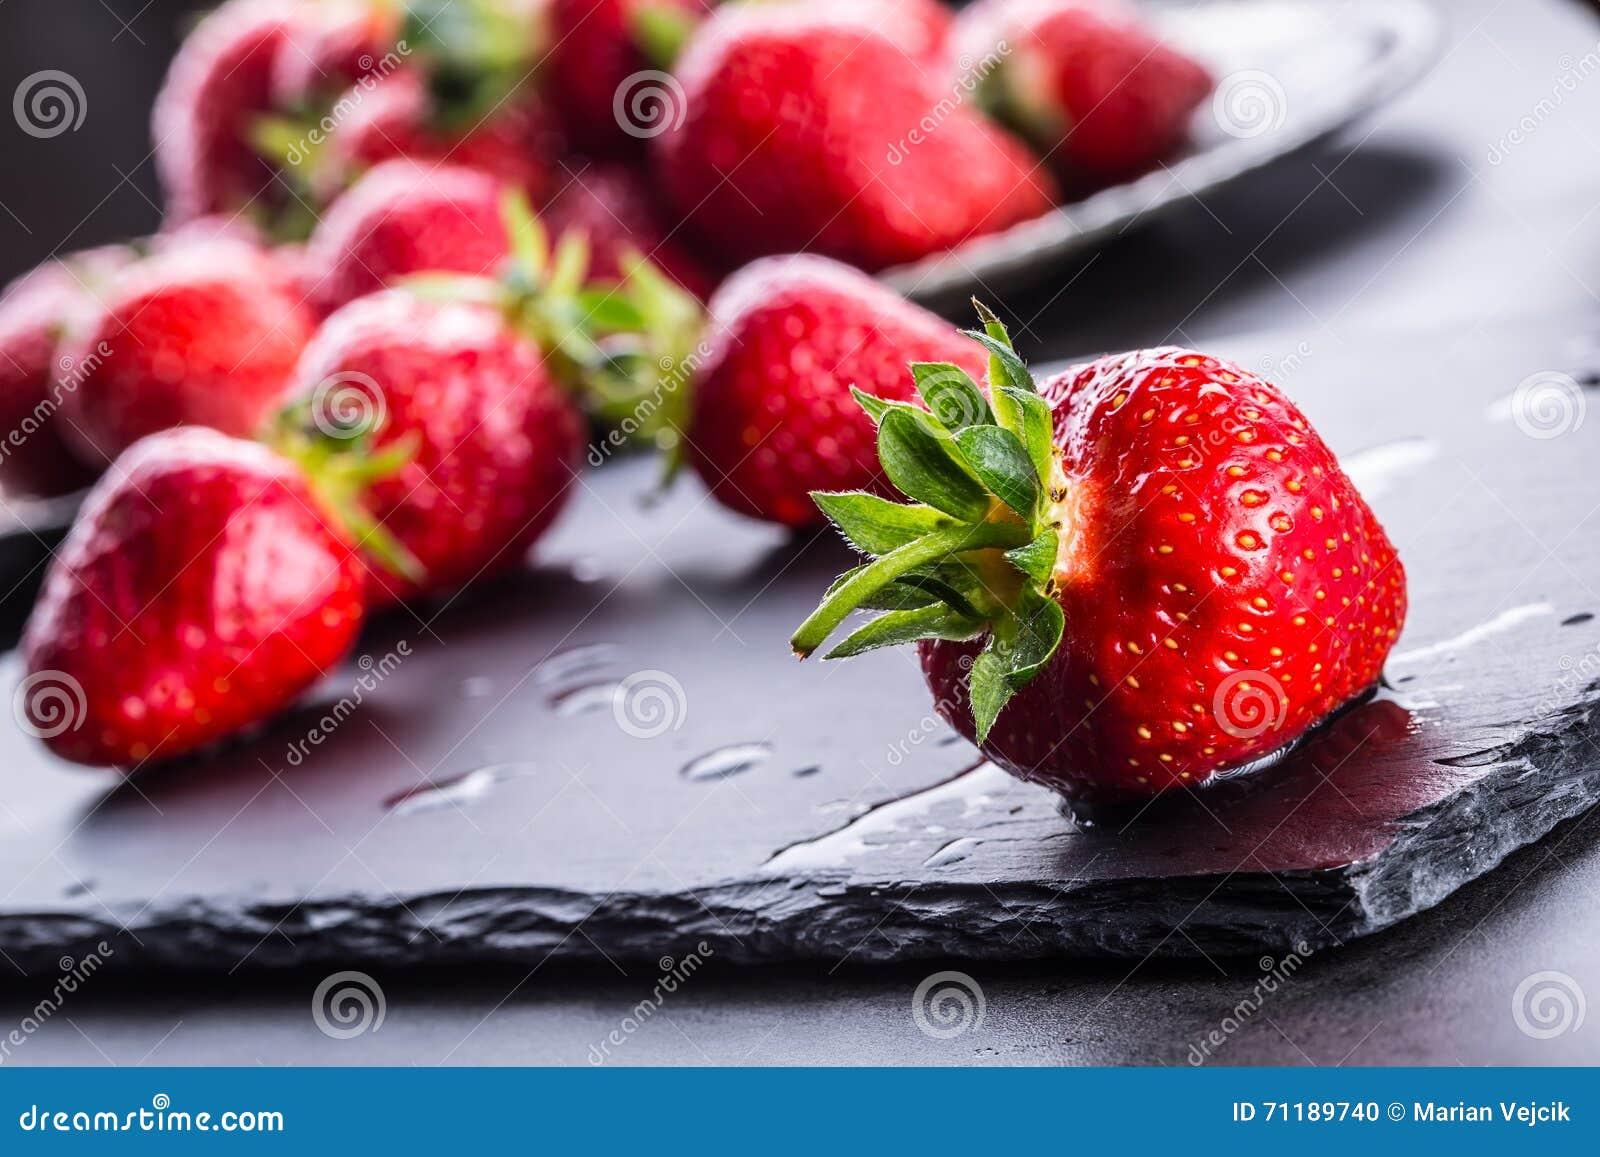 Φράουλα φρέσκια φράουλα Κόκκινος strewberry Χυμός φραουλών Αόριστα τοποθετημένες φράουλες στις διαφορετικές θέσεις